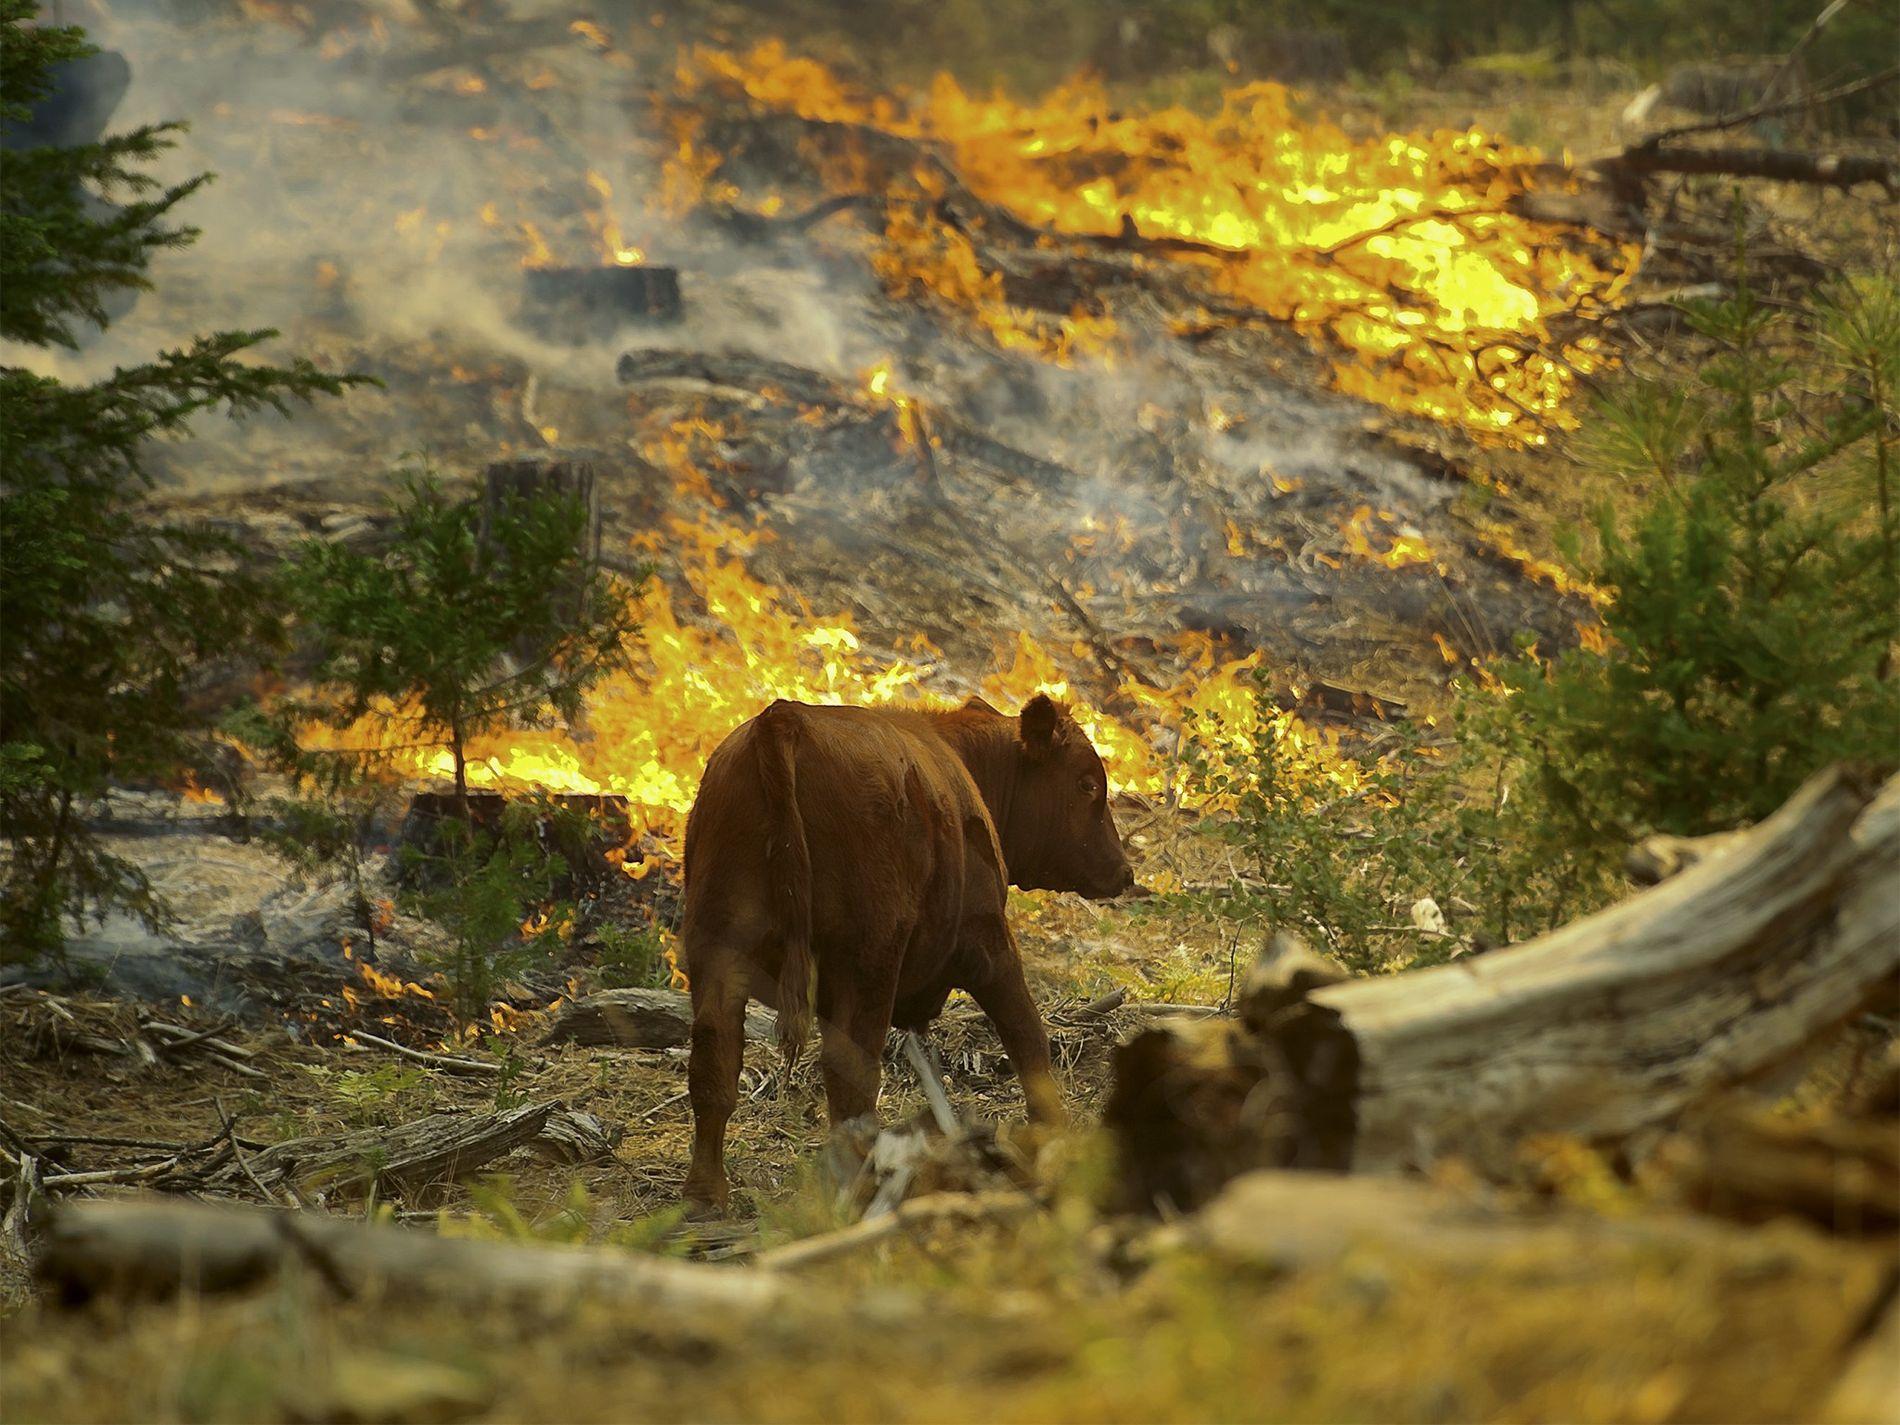 Vaca caminha pelas chamas no incêndio Rim, perto do Parque Nacional de Yosemite em Groveland, Califórnia.